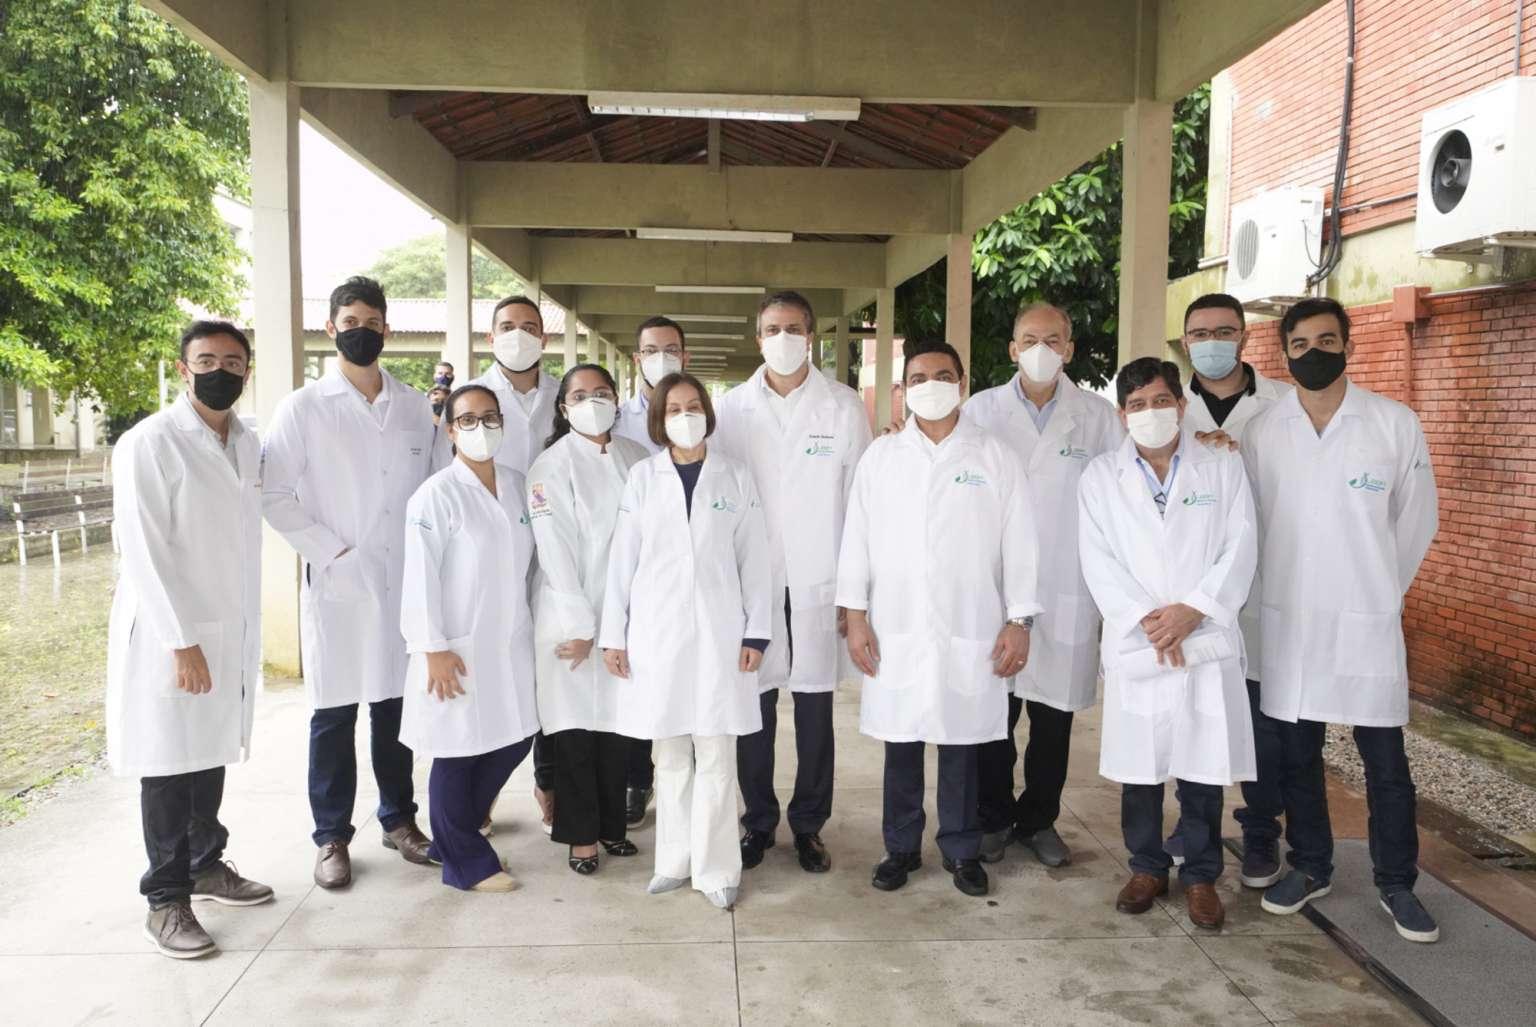 Governador visita laboratório da Uece que desenvolve vacina cearense contra Covid-19